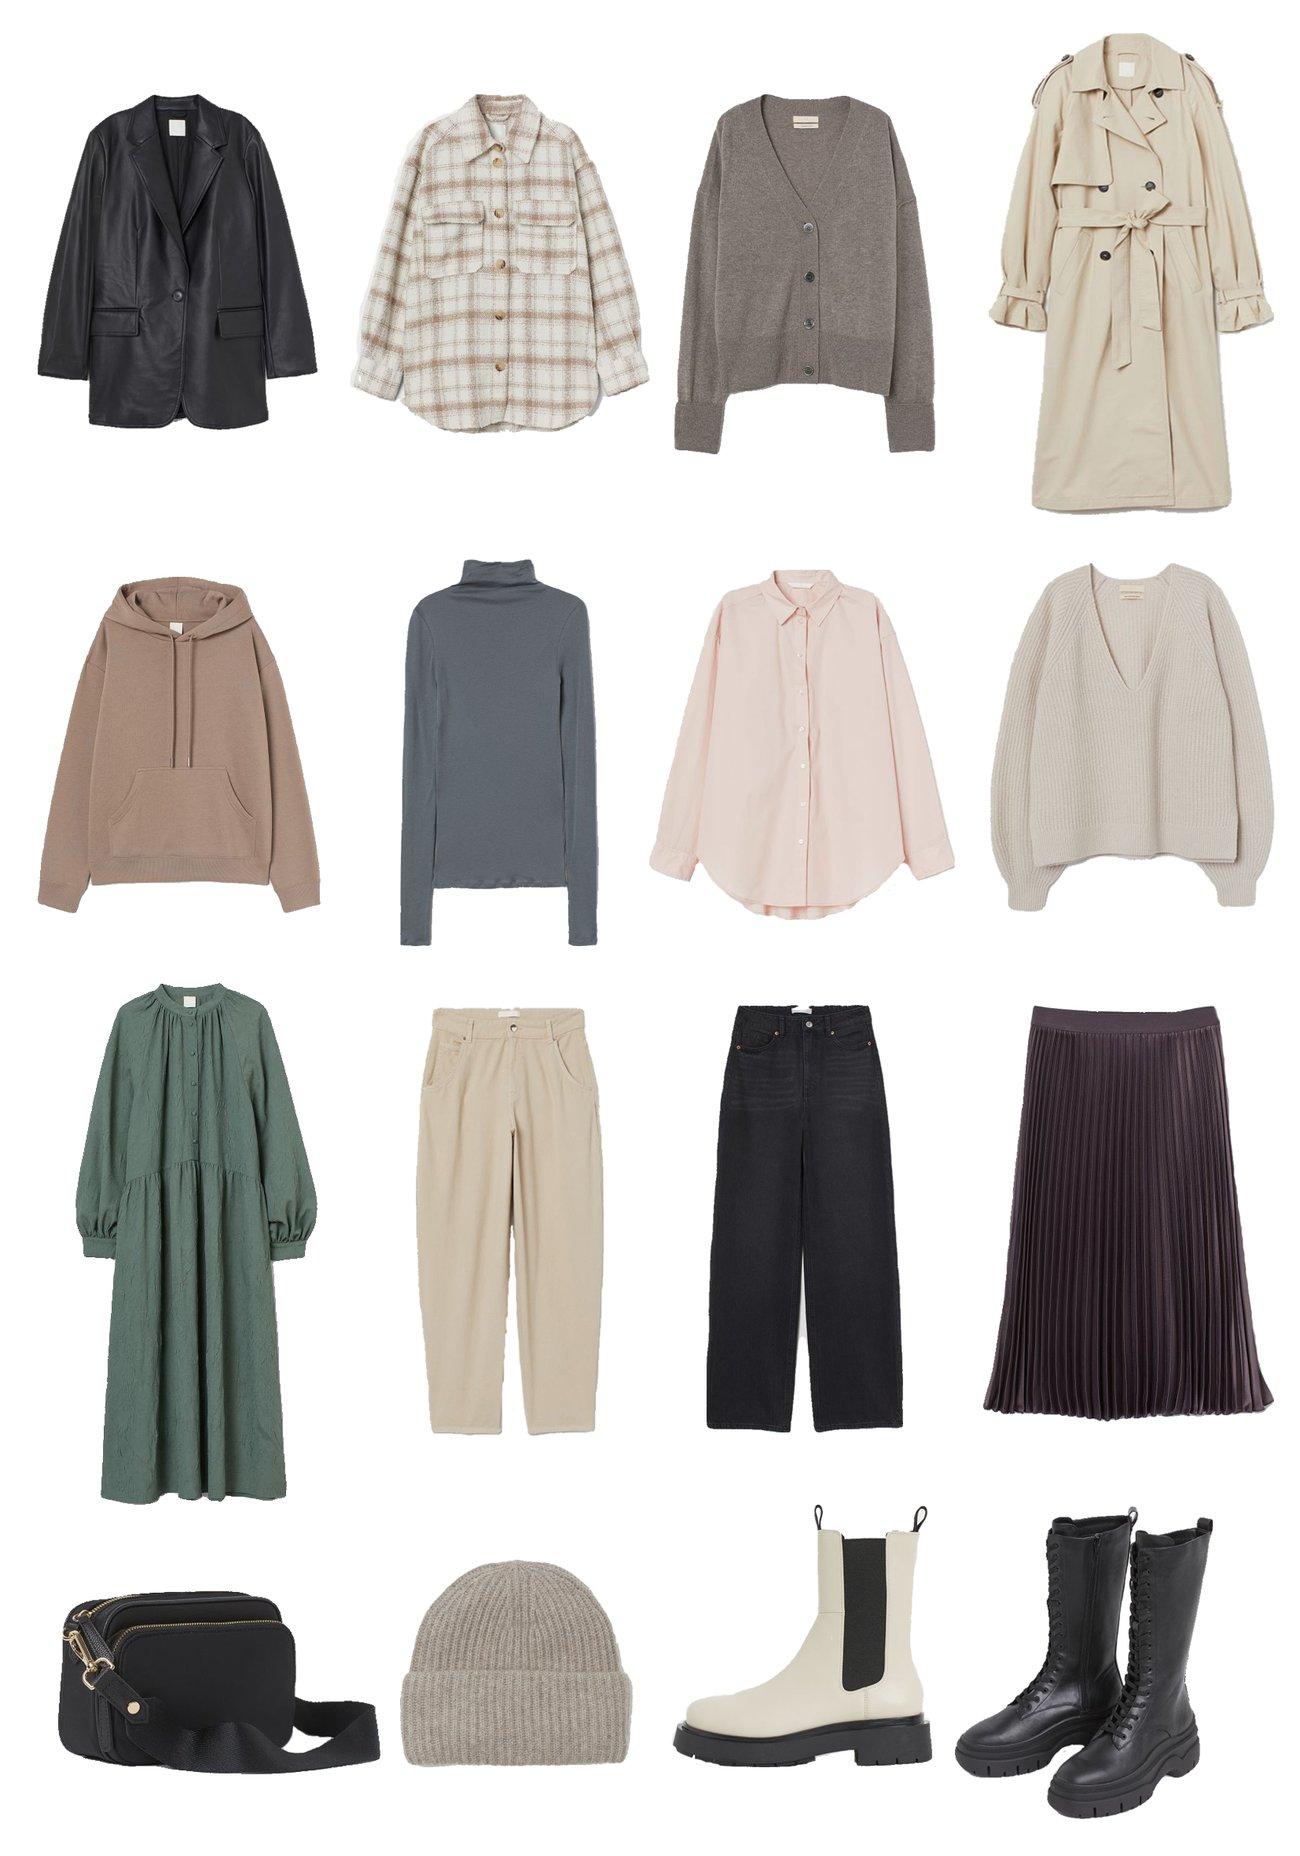 Herbst Capsule Wardrobe H&M